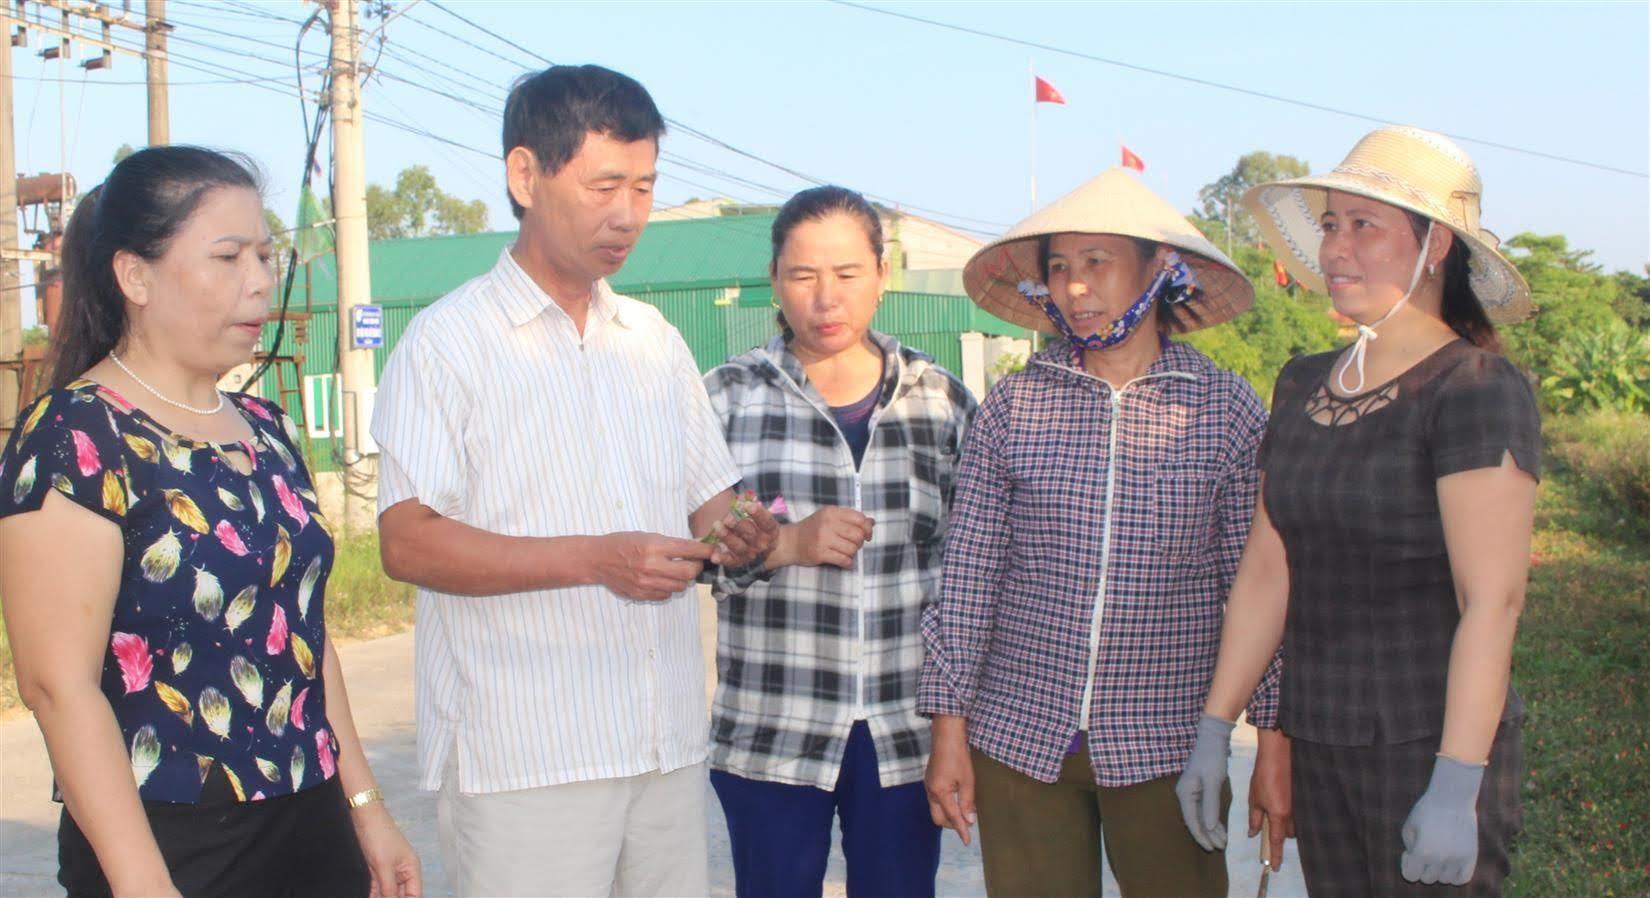 Nhờ vai trò quyết liệt của cấp ủy, người đứng đầu, xã Hưng Tân đã trở thành điểm sáng trong xây dựng nông thôn mới ở huyện Hưng Nguyên